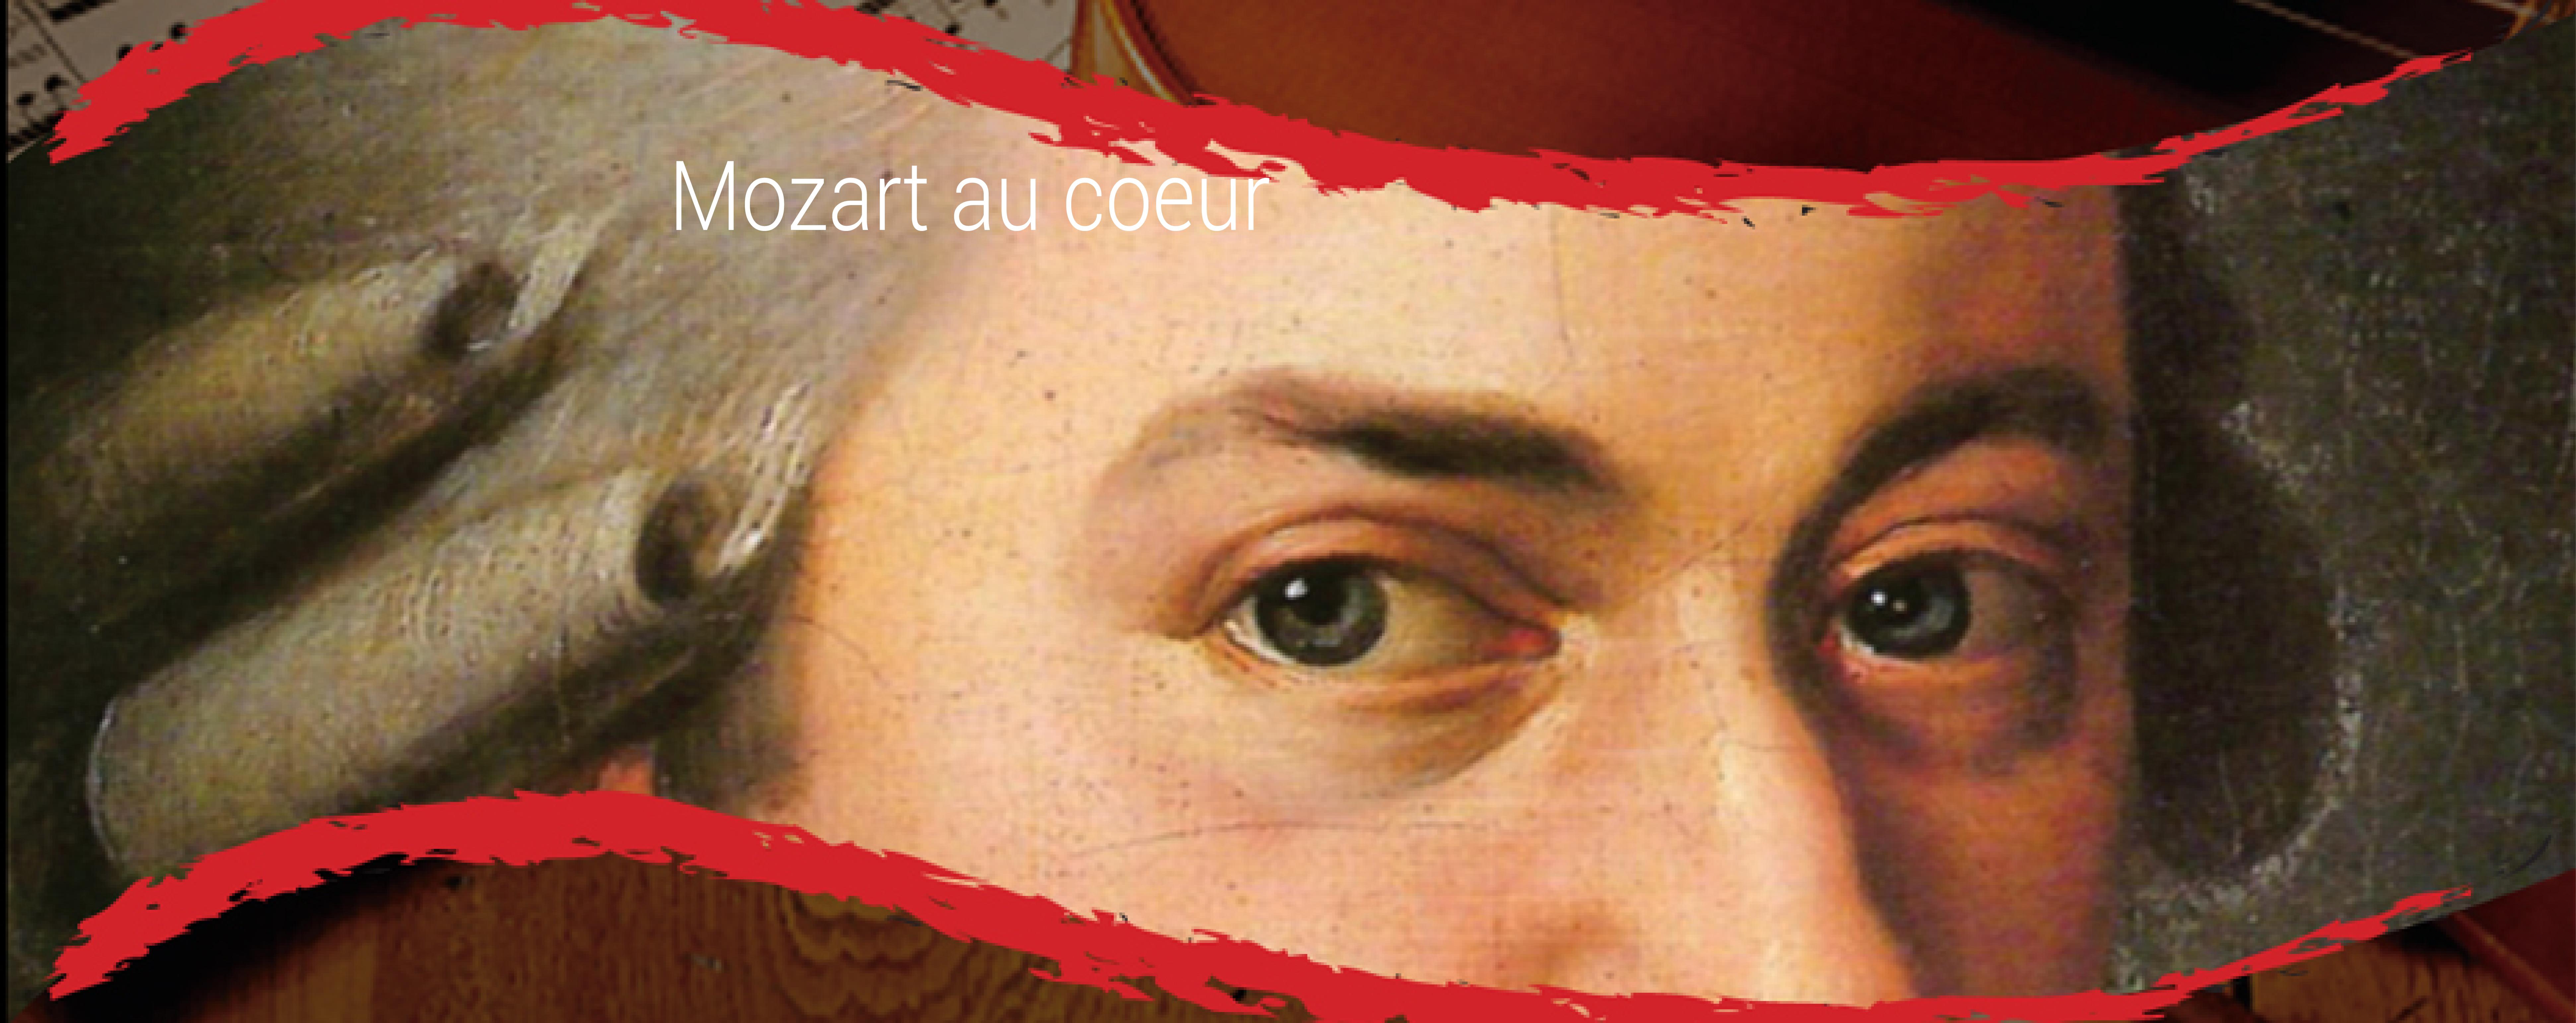 Mozart au coeur